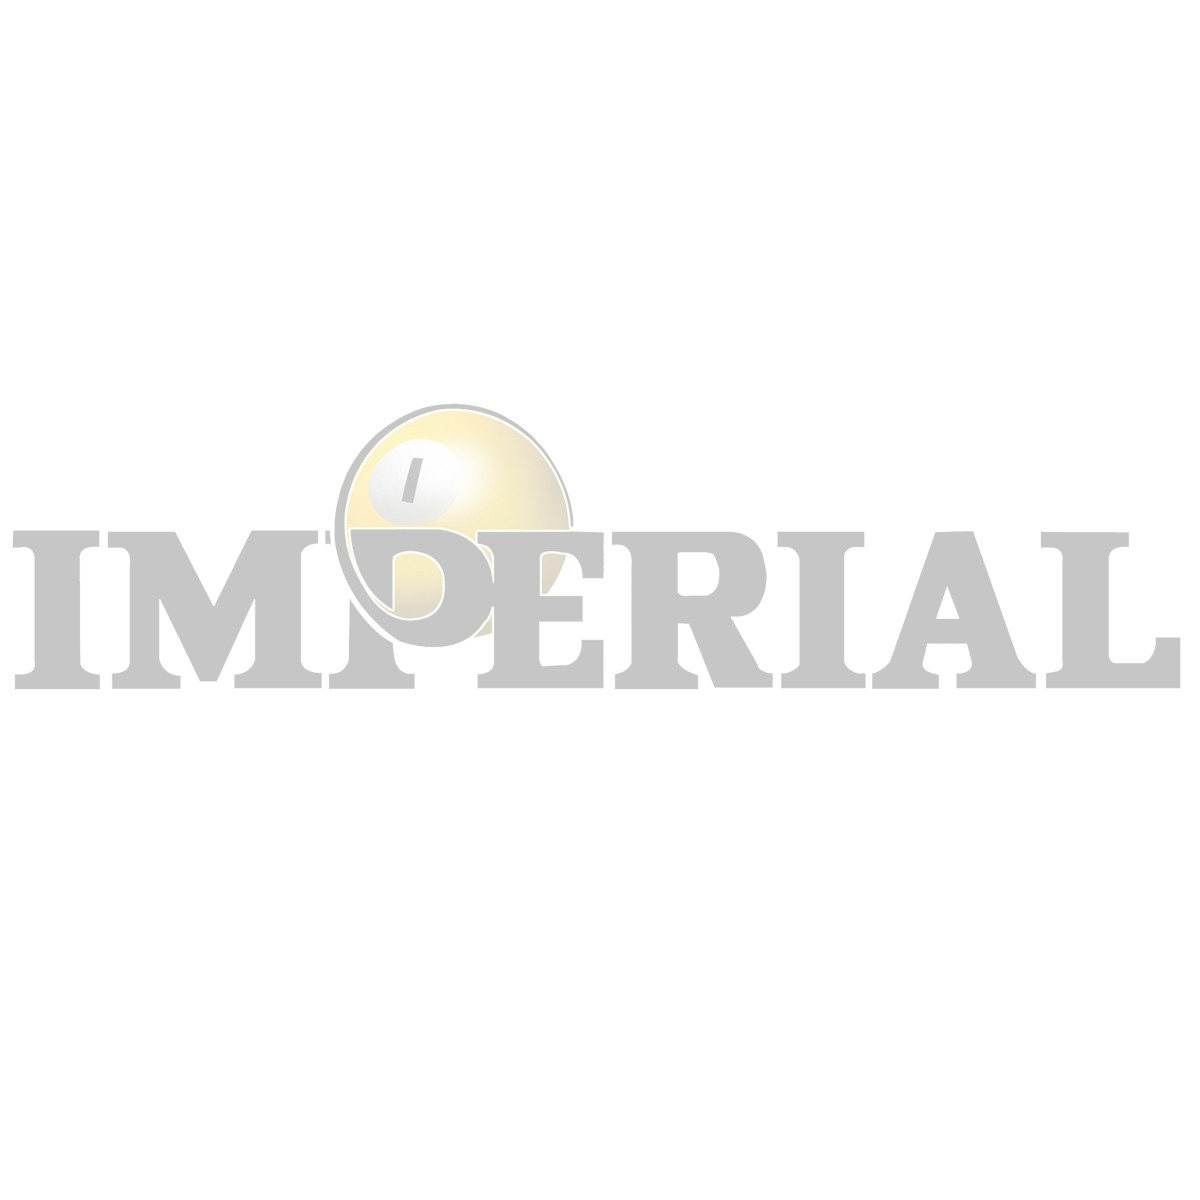 St. Louis Cardinals Home vs. Away Billiard Ball Set